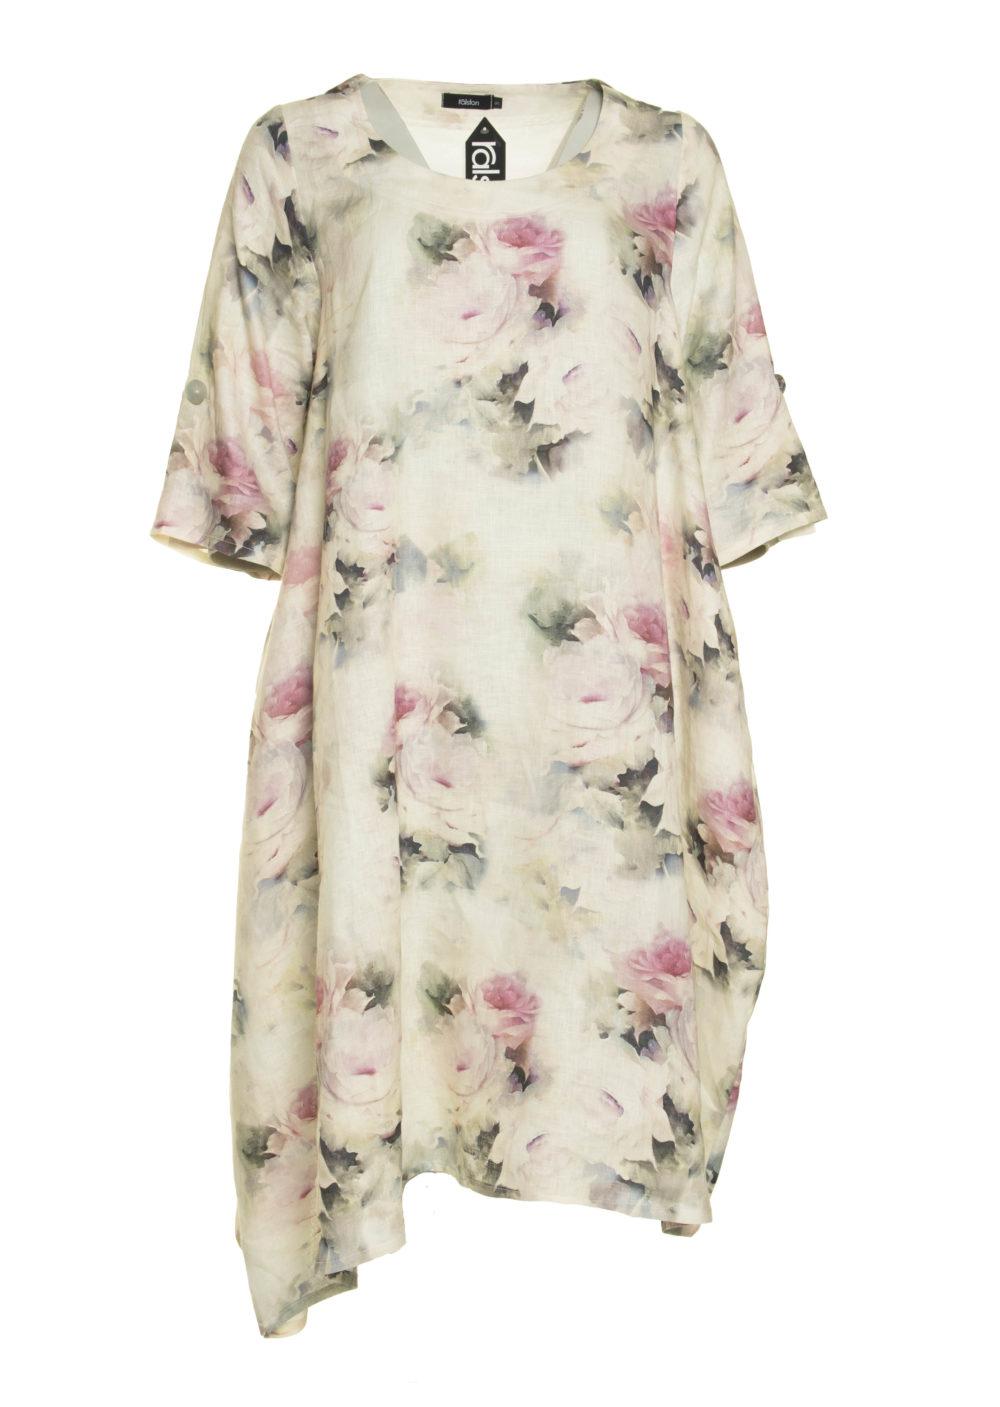 Hilma Dress Ralston Katie Kerr Women's Clothing